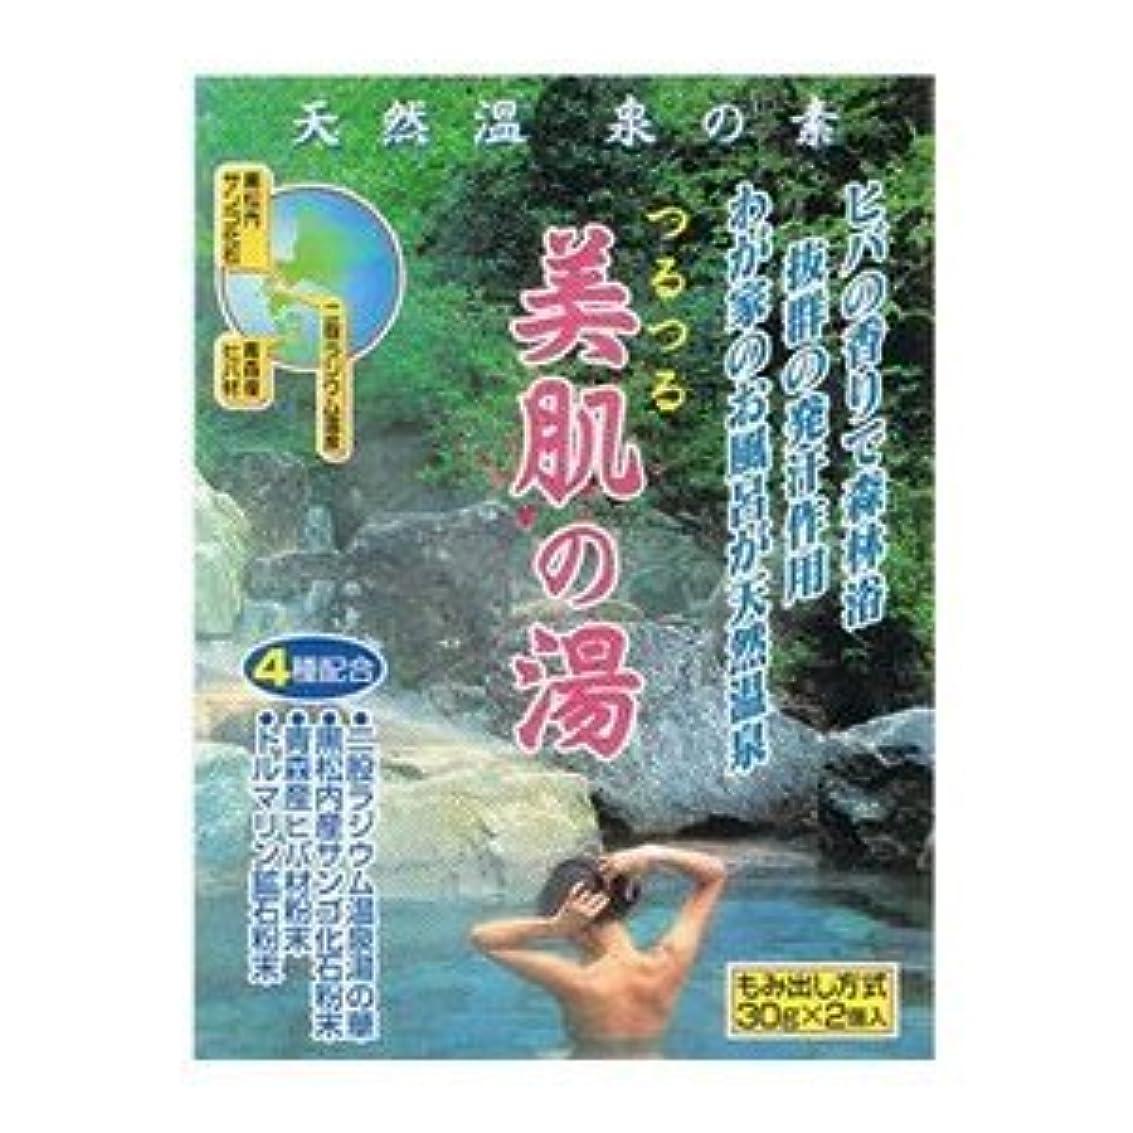 三十不振ページェント天然温泉の素 美肌の湯 (30g×2個入)×18袋セット